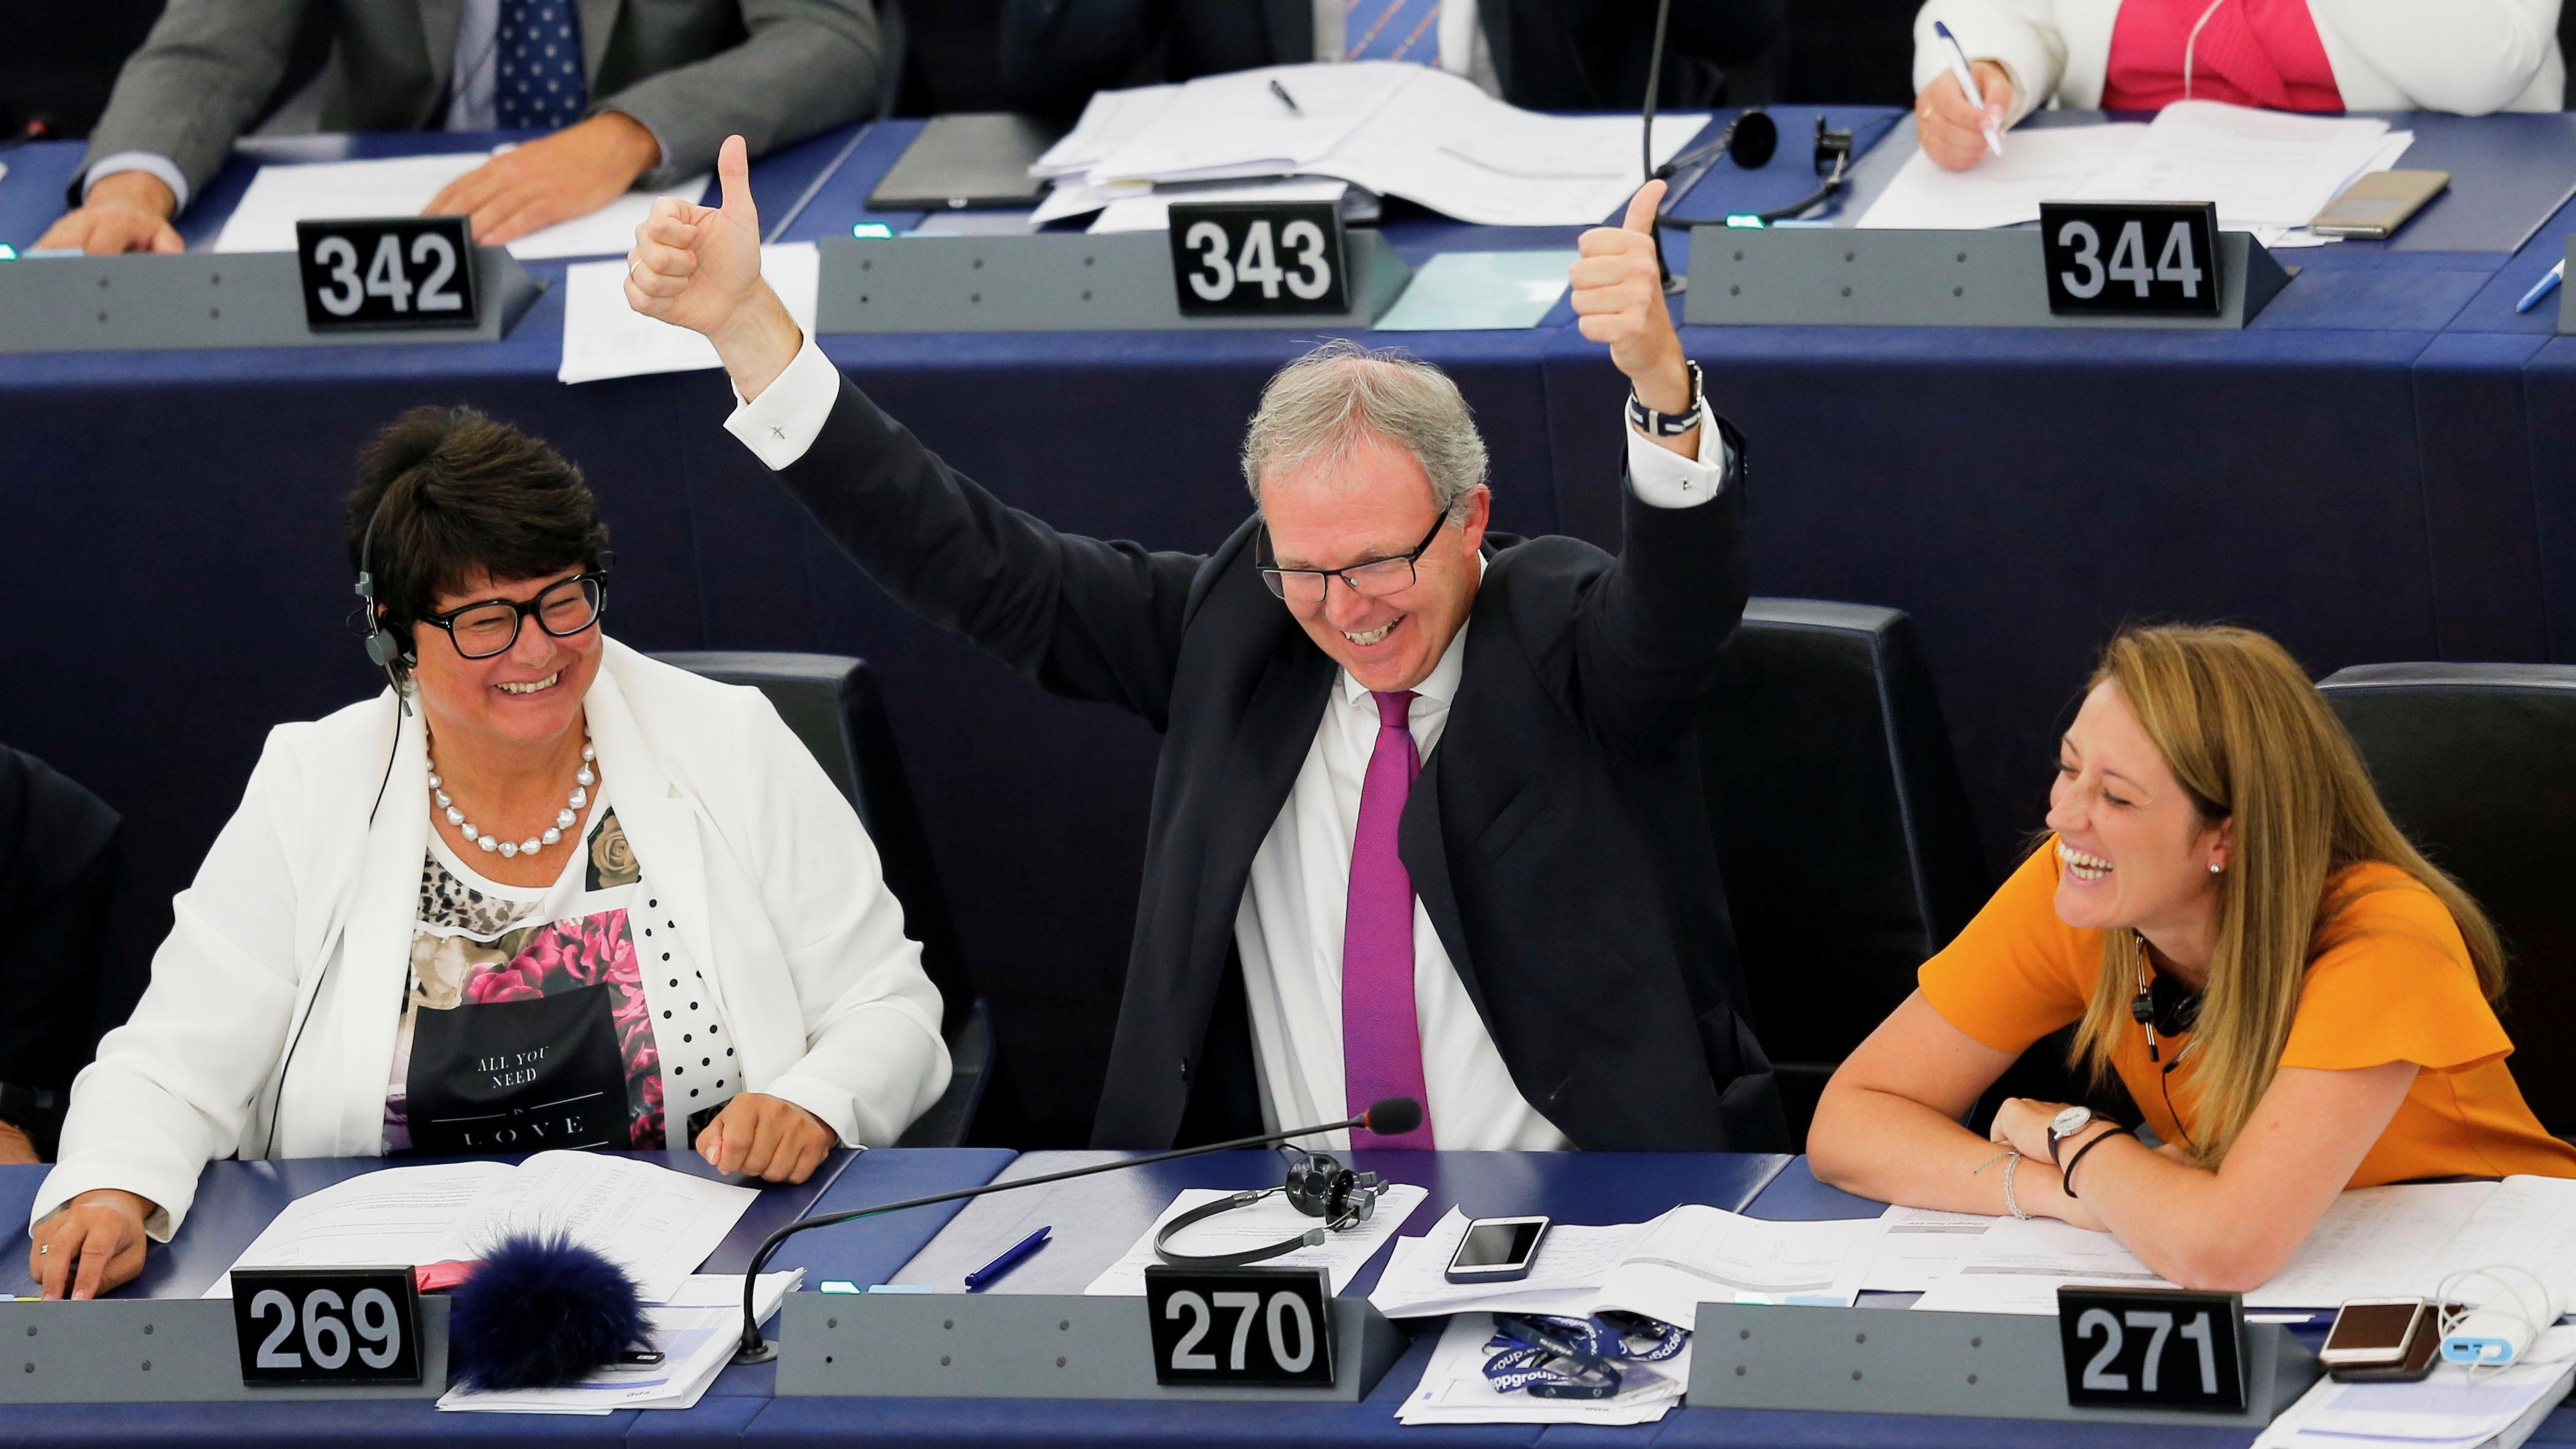 O relator sobre direitos de autor, Axel Voss, celebra após uma votação sobre alterações às reformas da UE em matéria de direitos de autor.